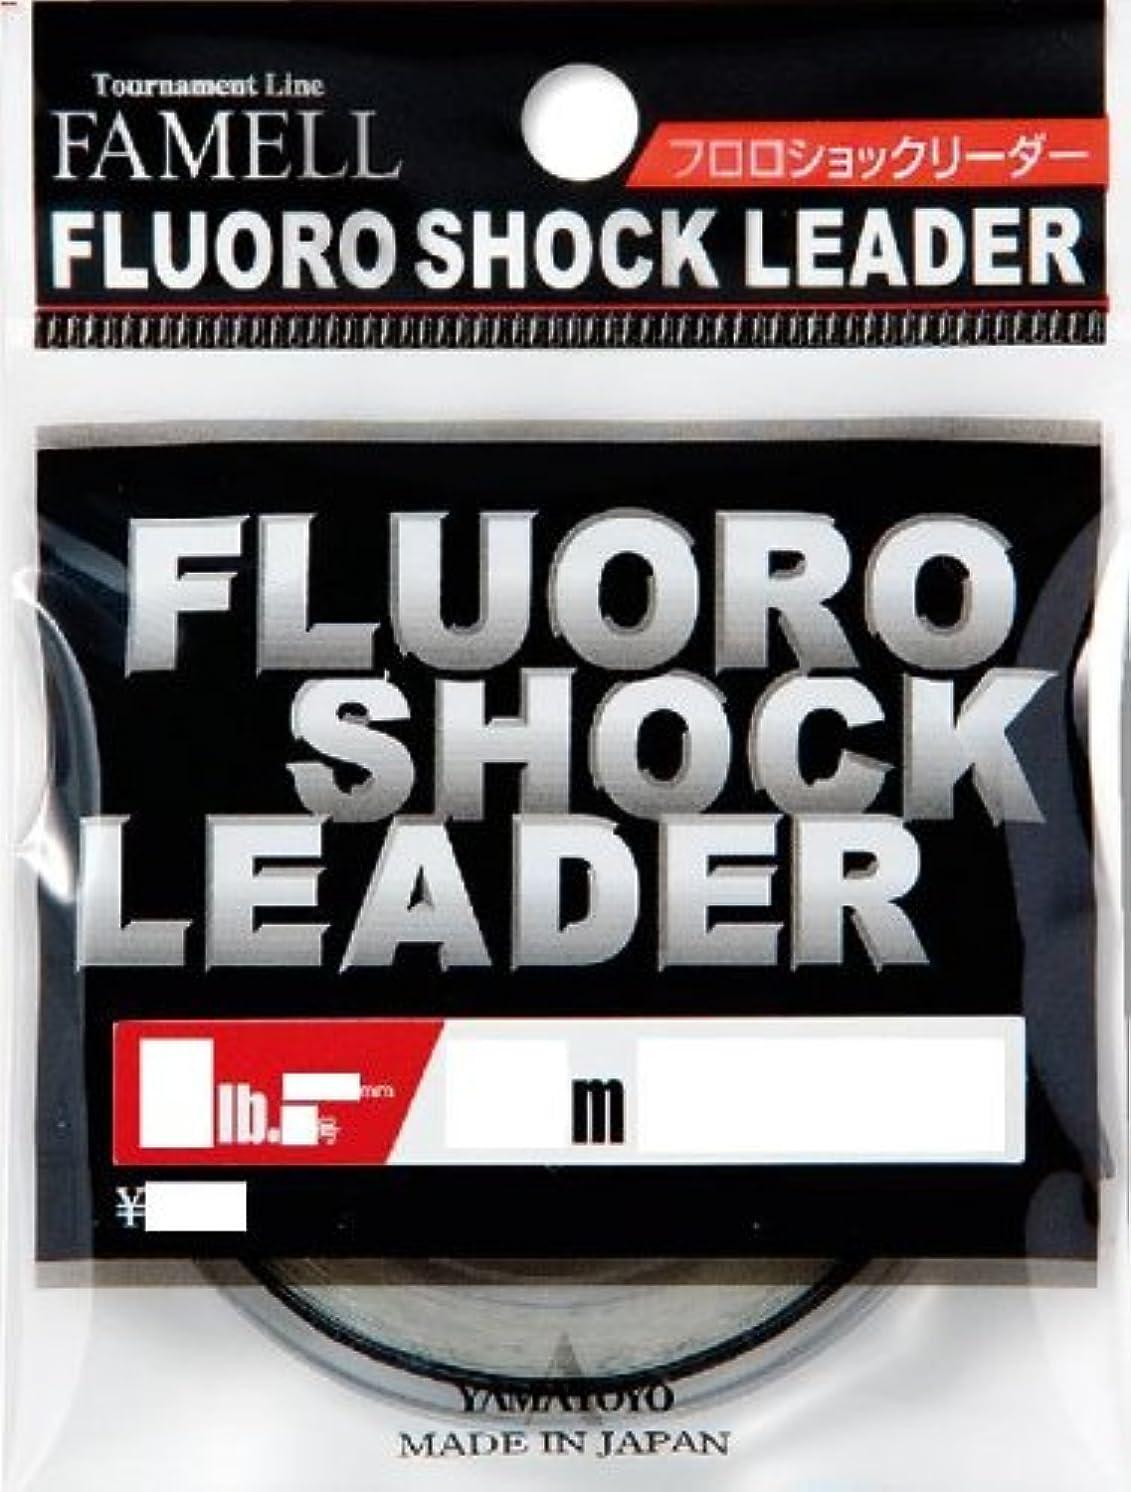 統計的見込みリッチヤマトヨテグス(YAMATOYO) リーダー フロロショックリーダー フロロカーボン 30m